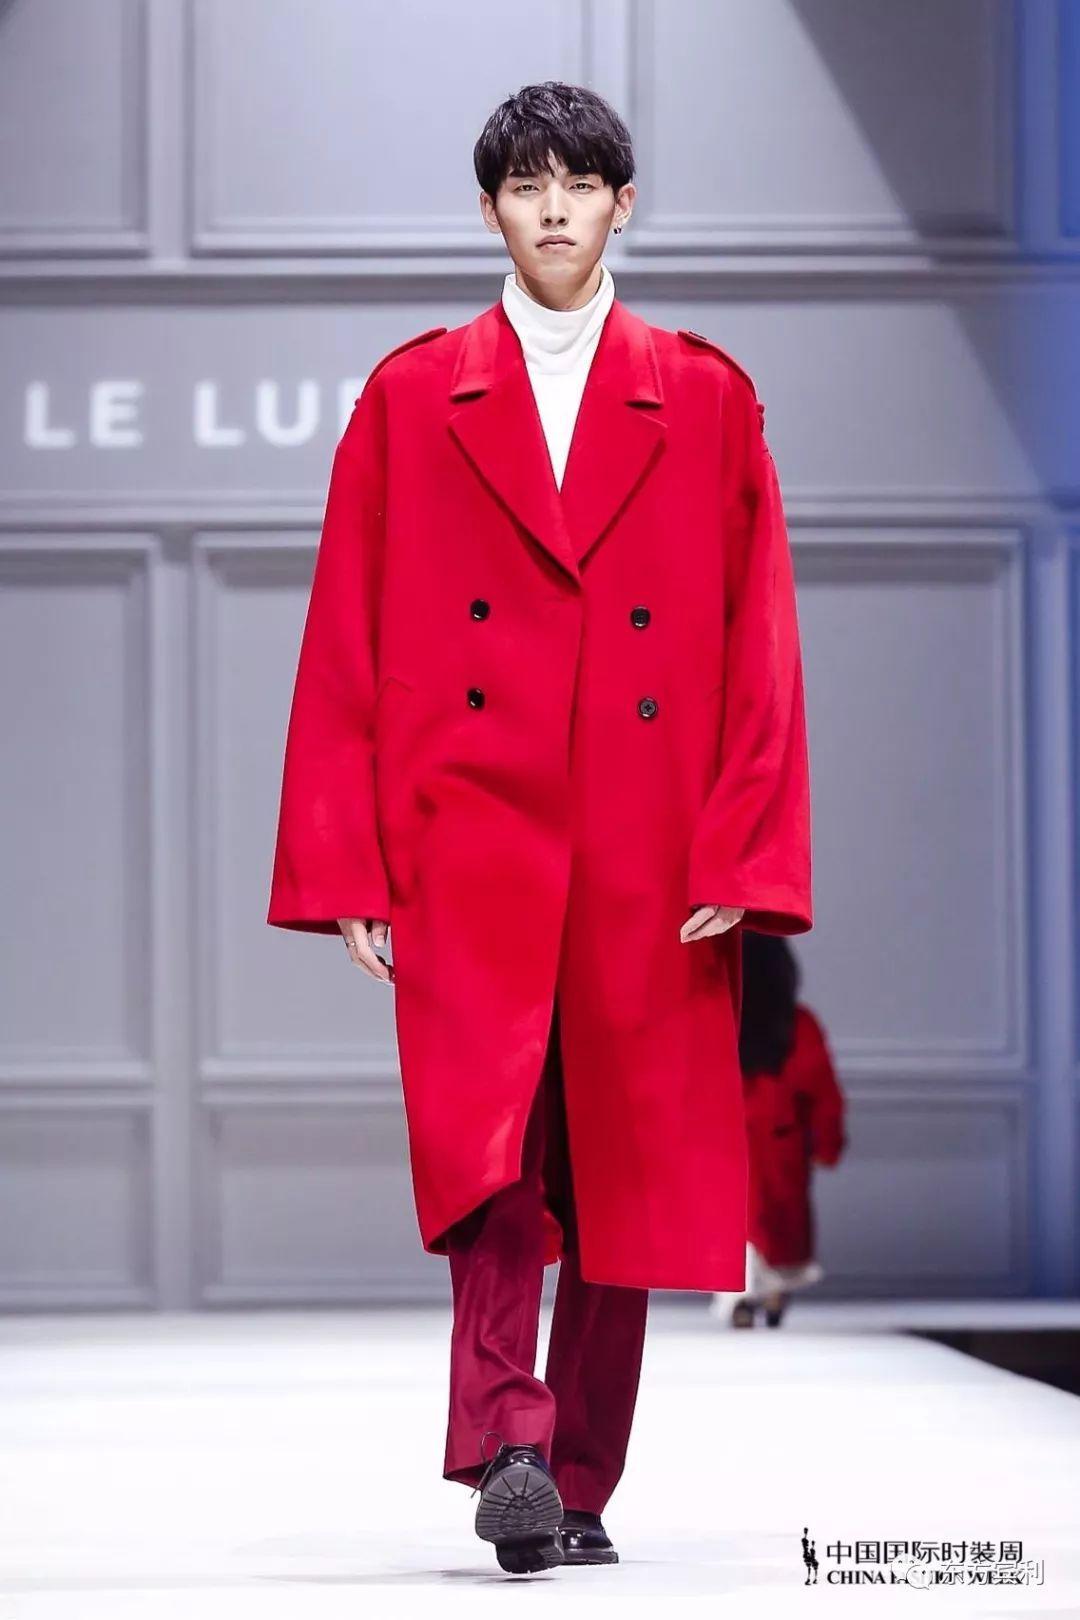 中国国际时装周2018 aw   李昊男亮相le lupercus 王临&海翔 秀场